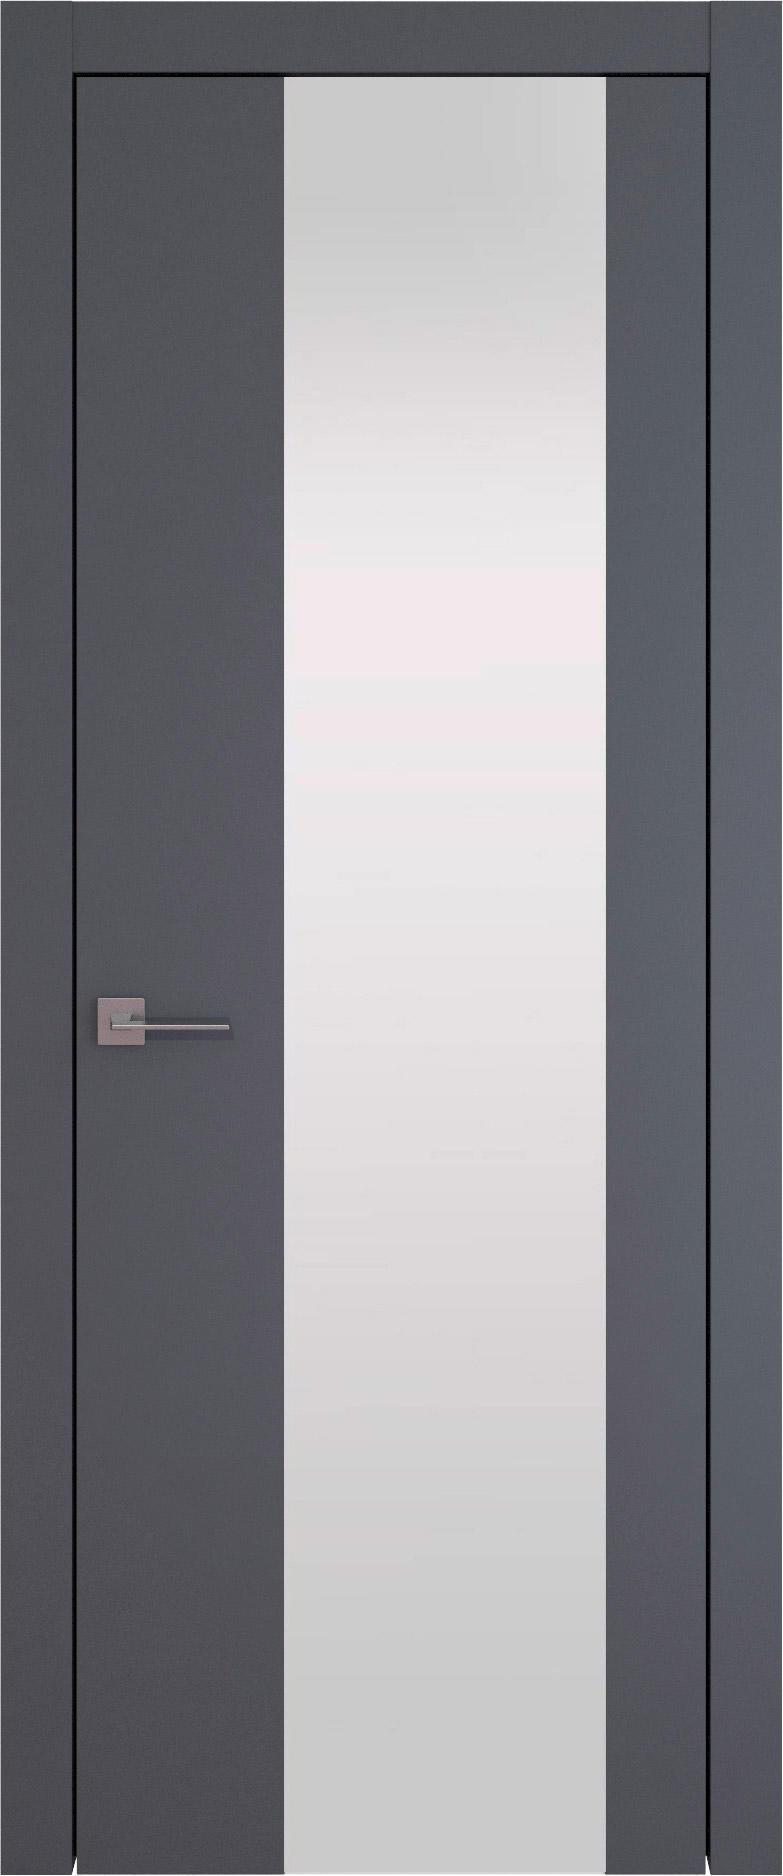 Tivoli Е-1 цвет - Графитово-серая эмаль (RAL 7024) Со стеклом (ДО)